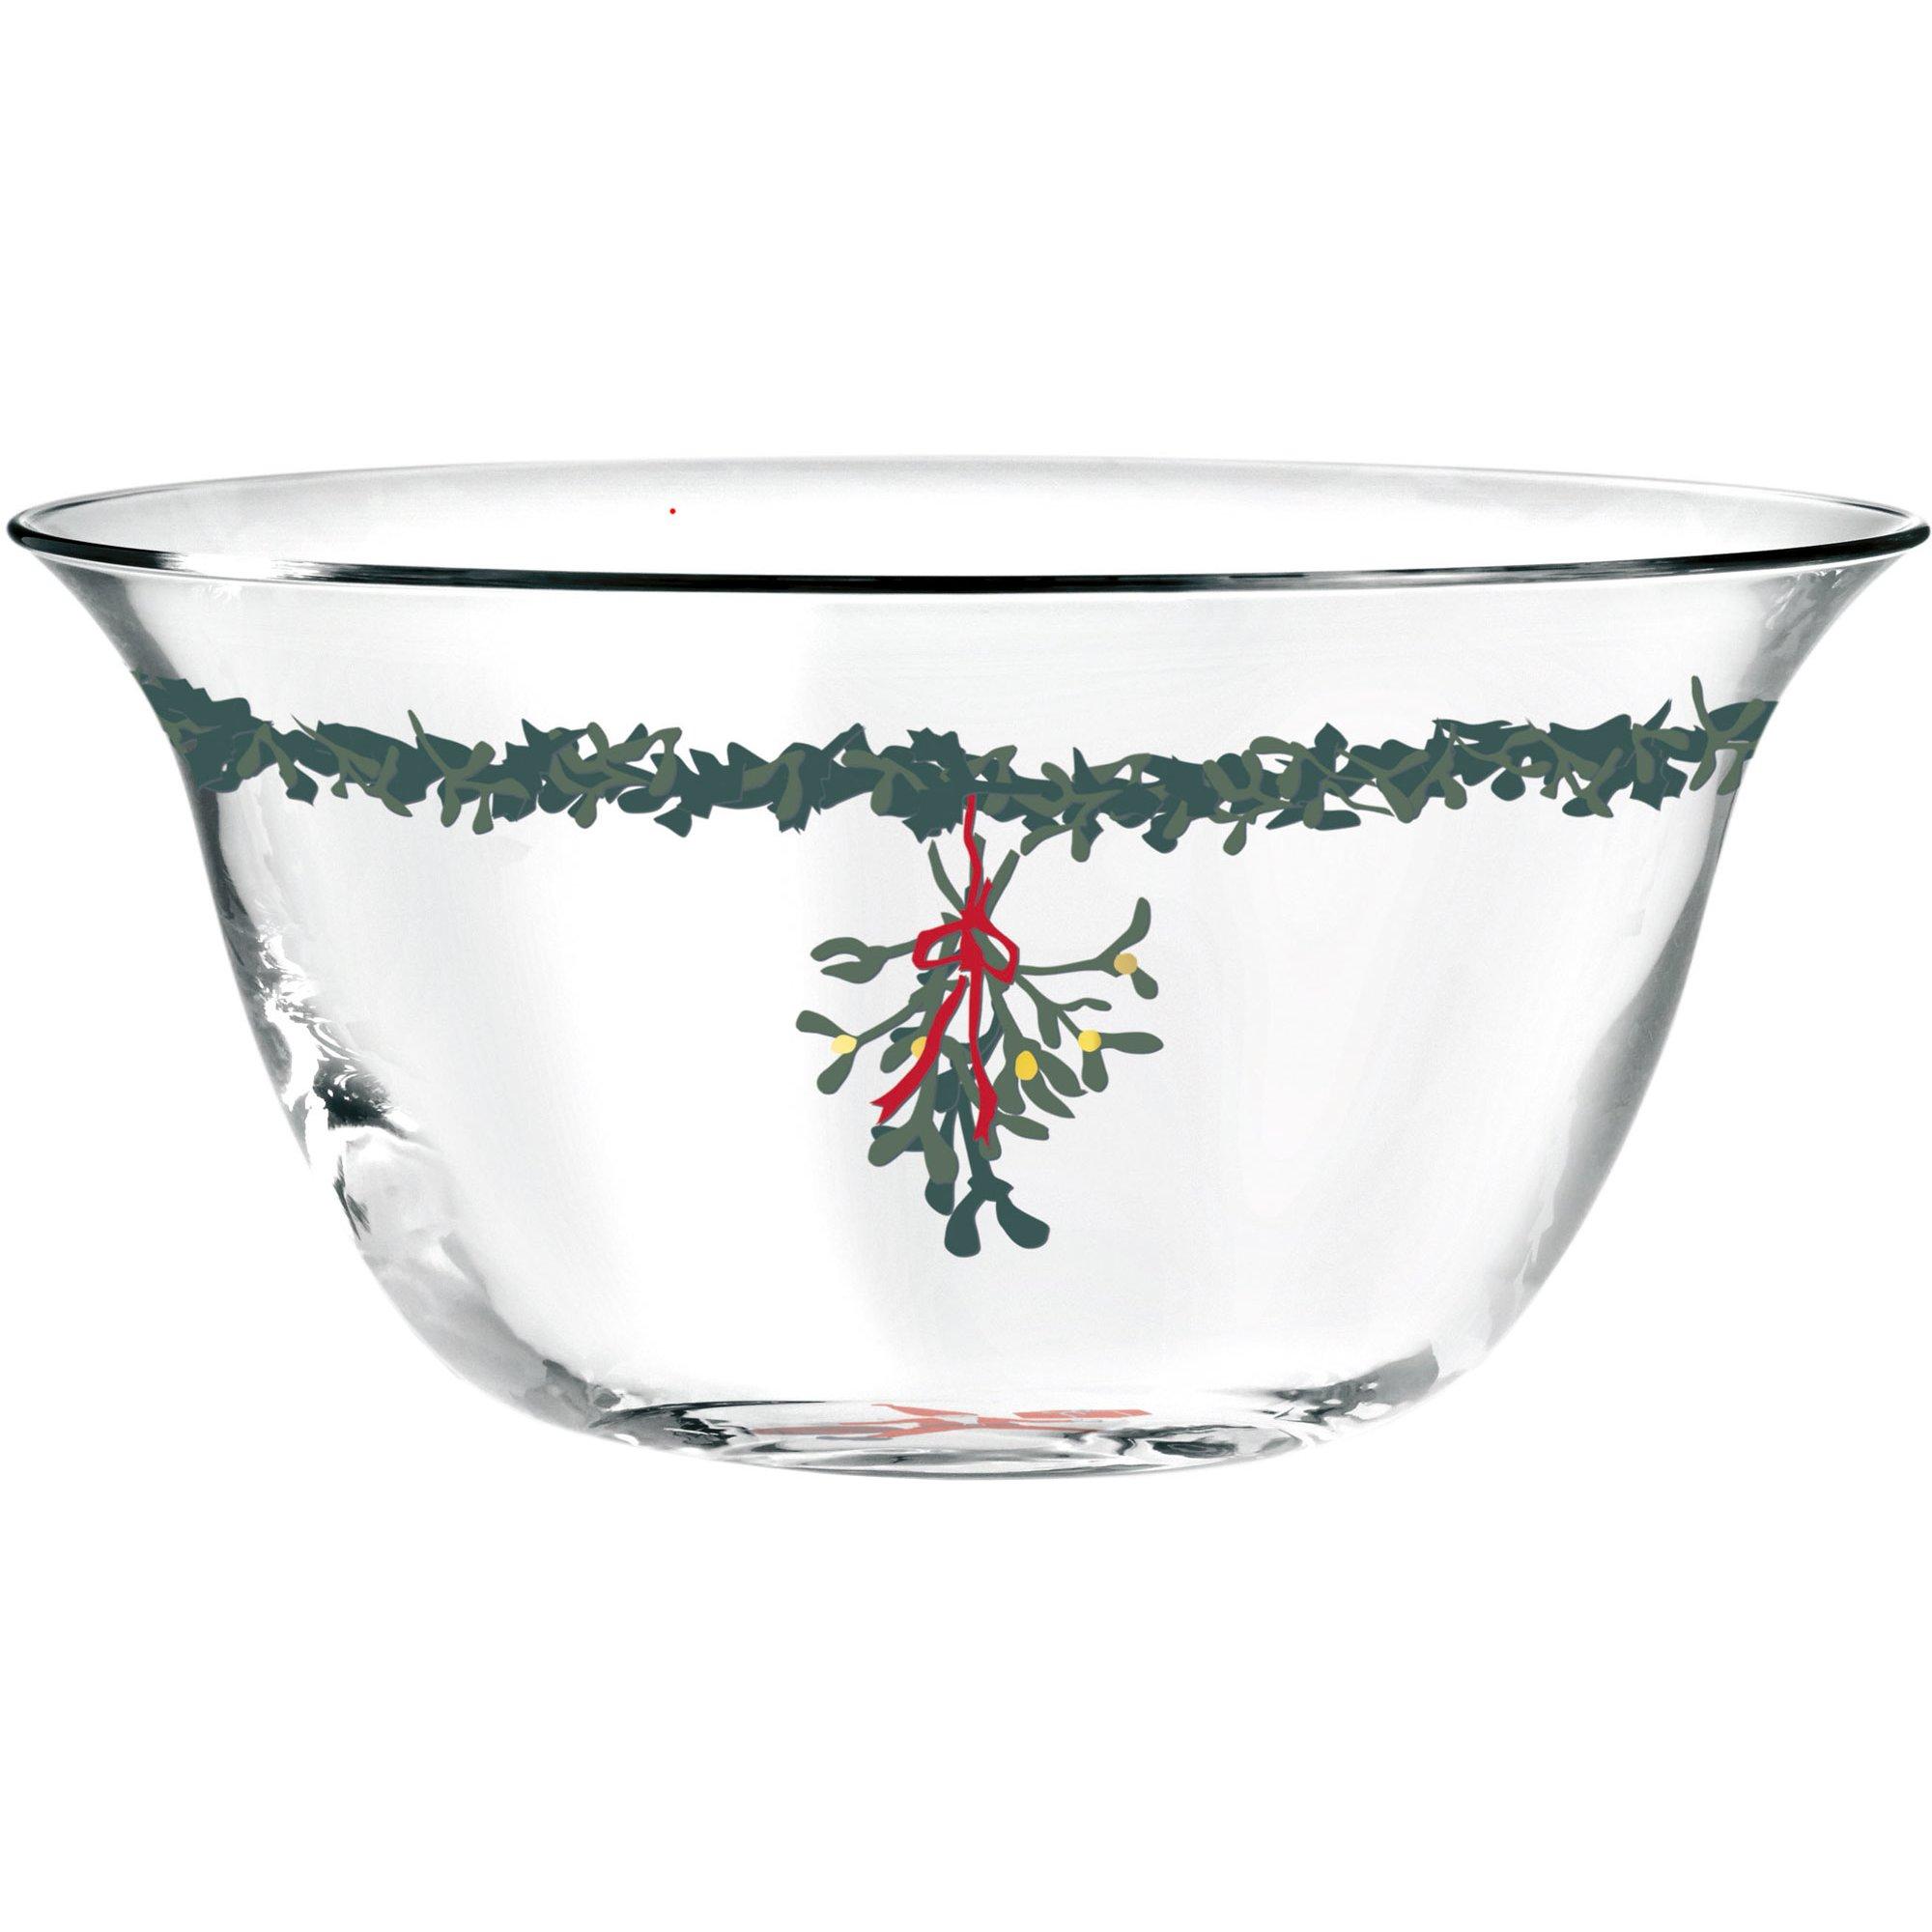 Holmegaard Christmas Julskål 125 cm